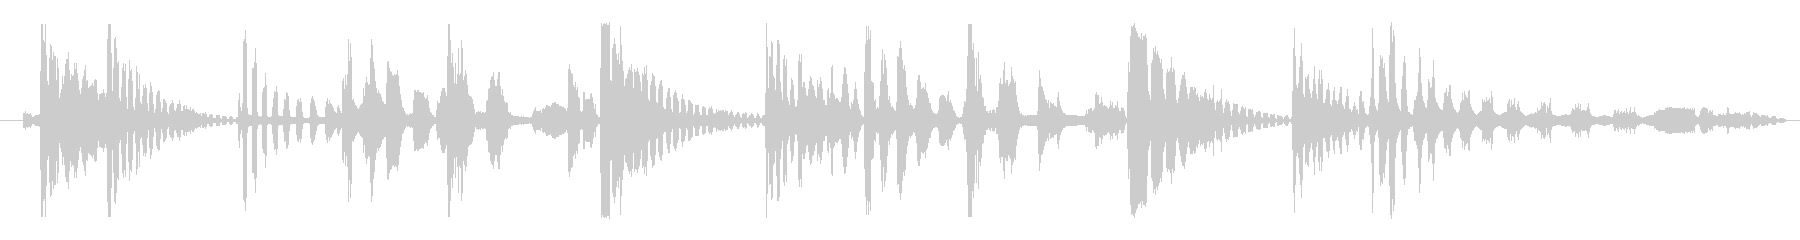 フィクション エイリアン 未知の種02の未再生の波形